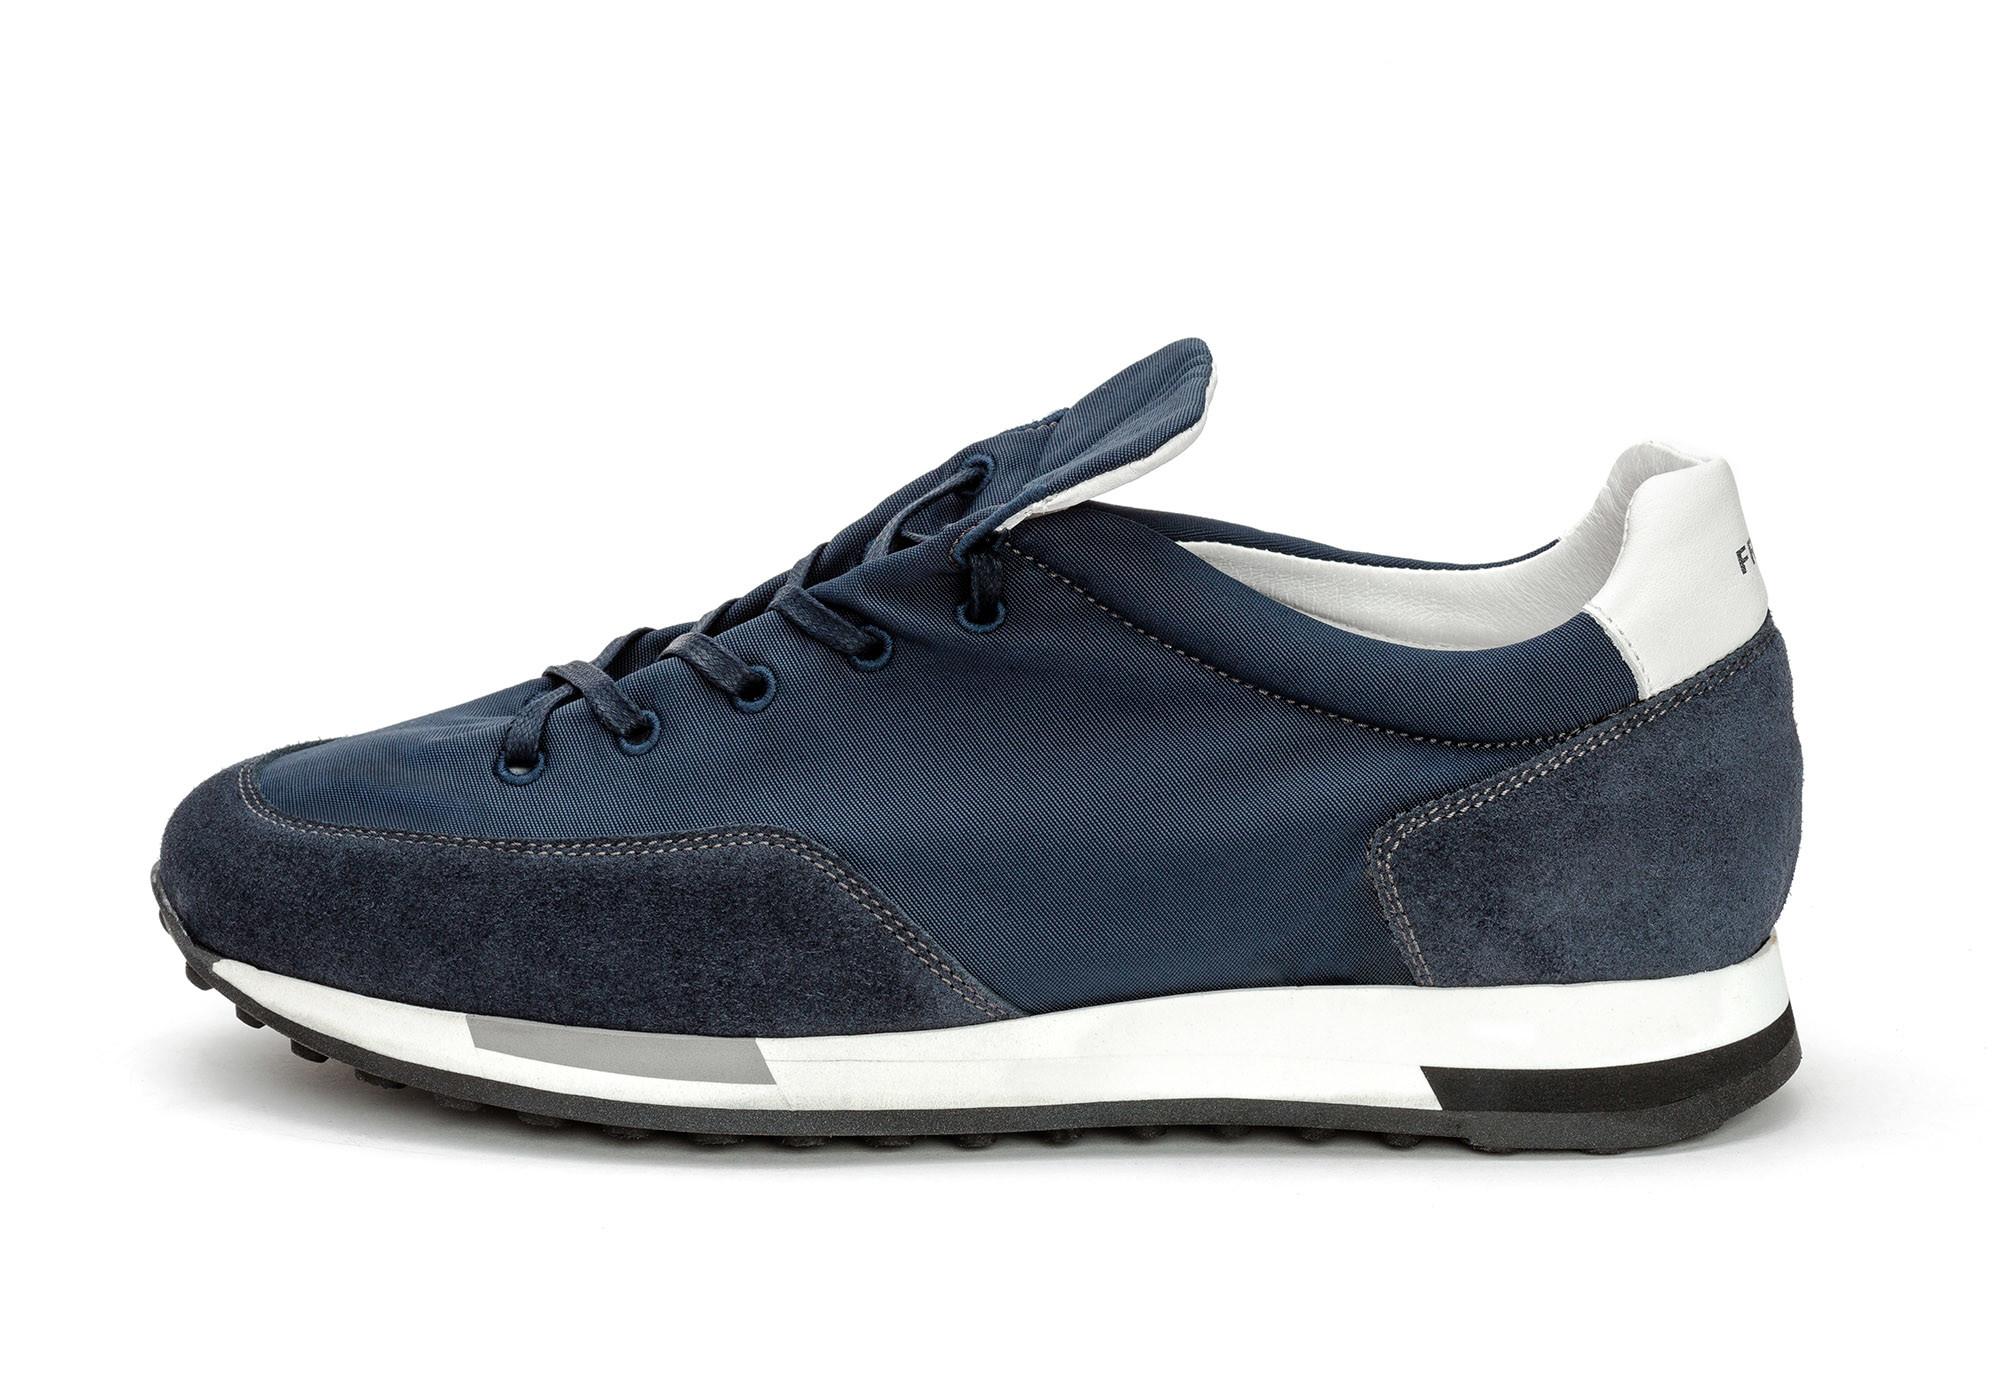 autentico acquista l'originale calzature FRAU 23E1 – SNEAKER UOMO CITY RUNNING IN TESSUTO E CAMOSCIO